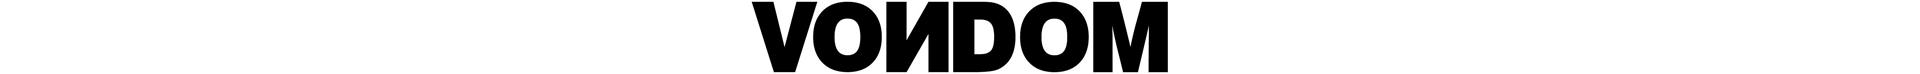 Vondom_Logo.png